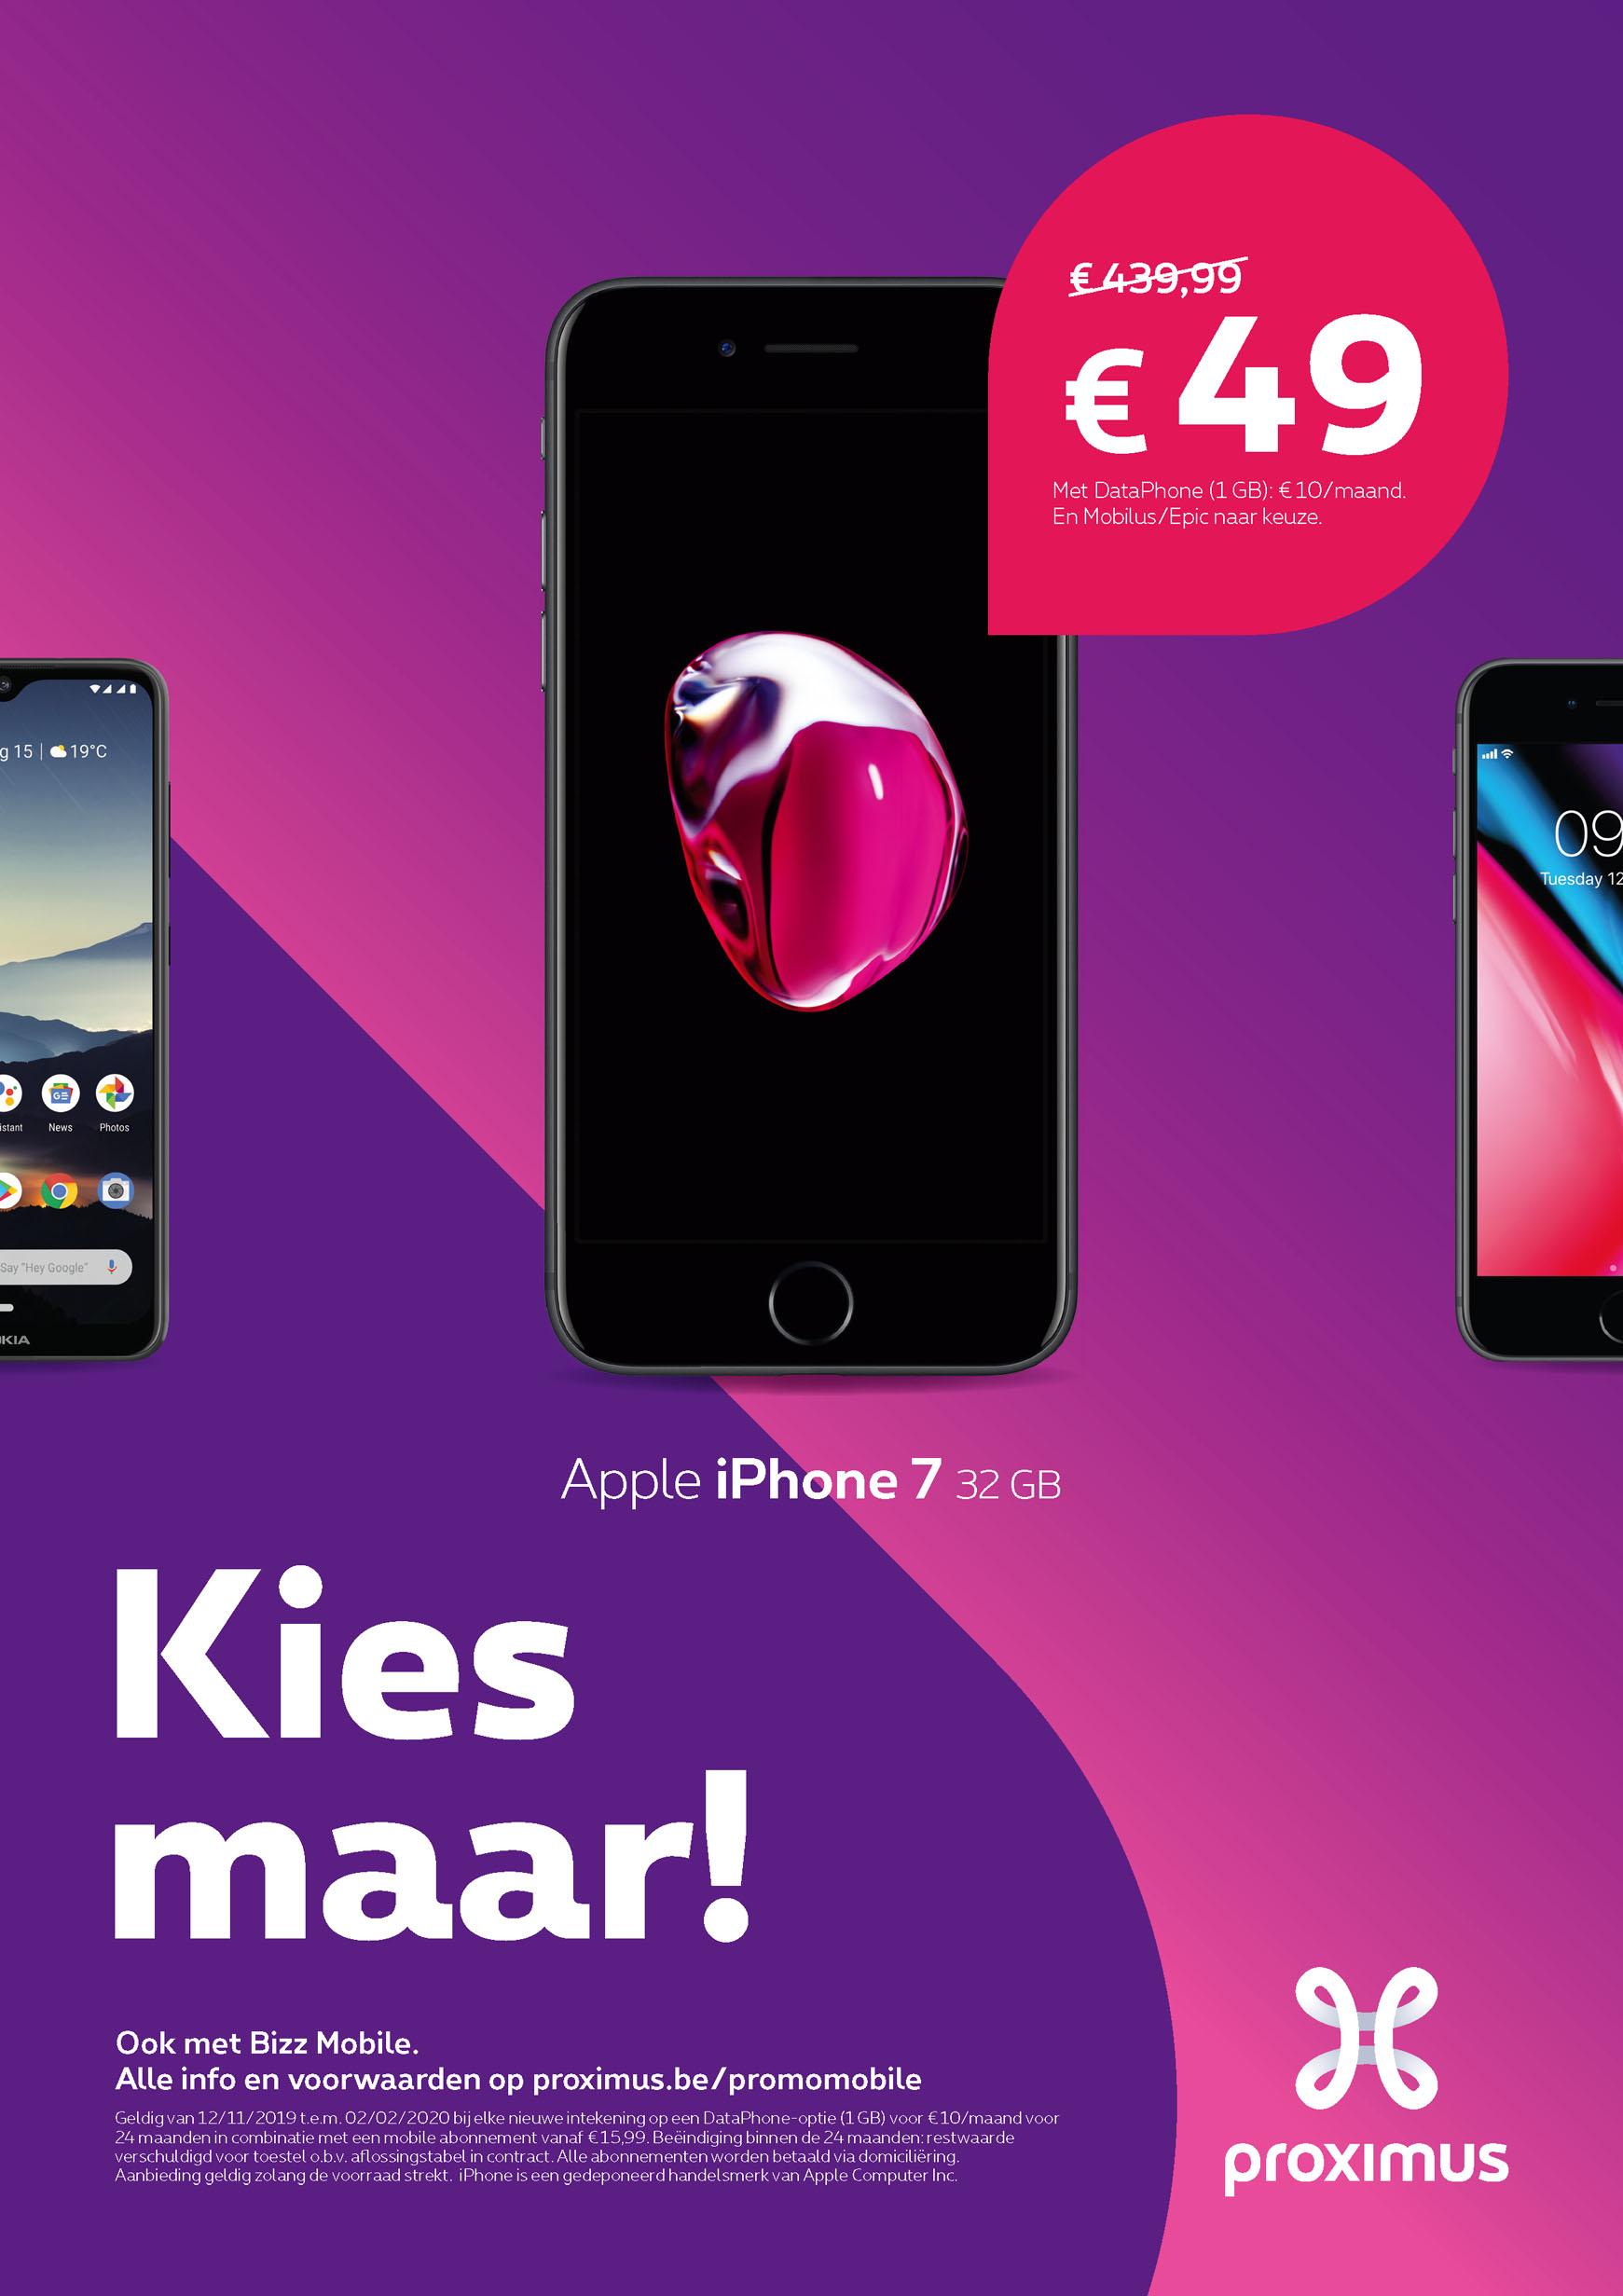 Promotions_JO_JO_Apple_iPhone_7_32GB_201